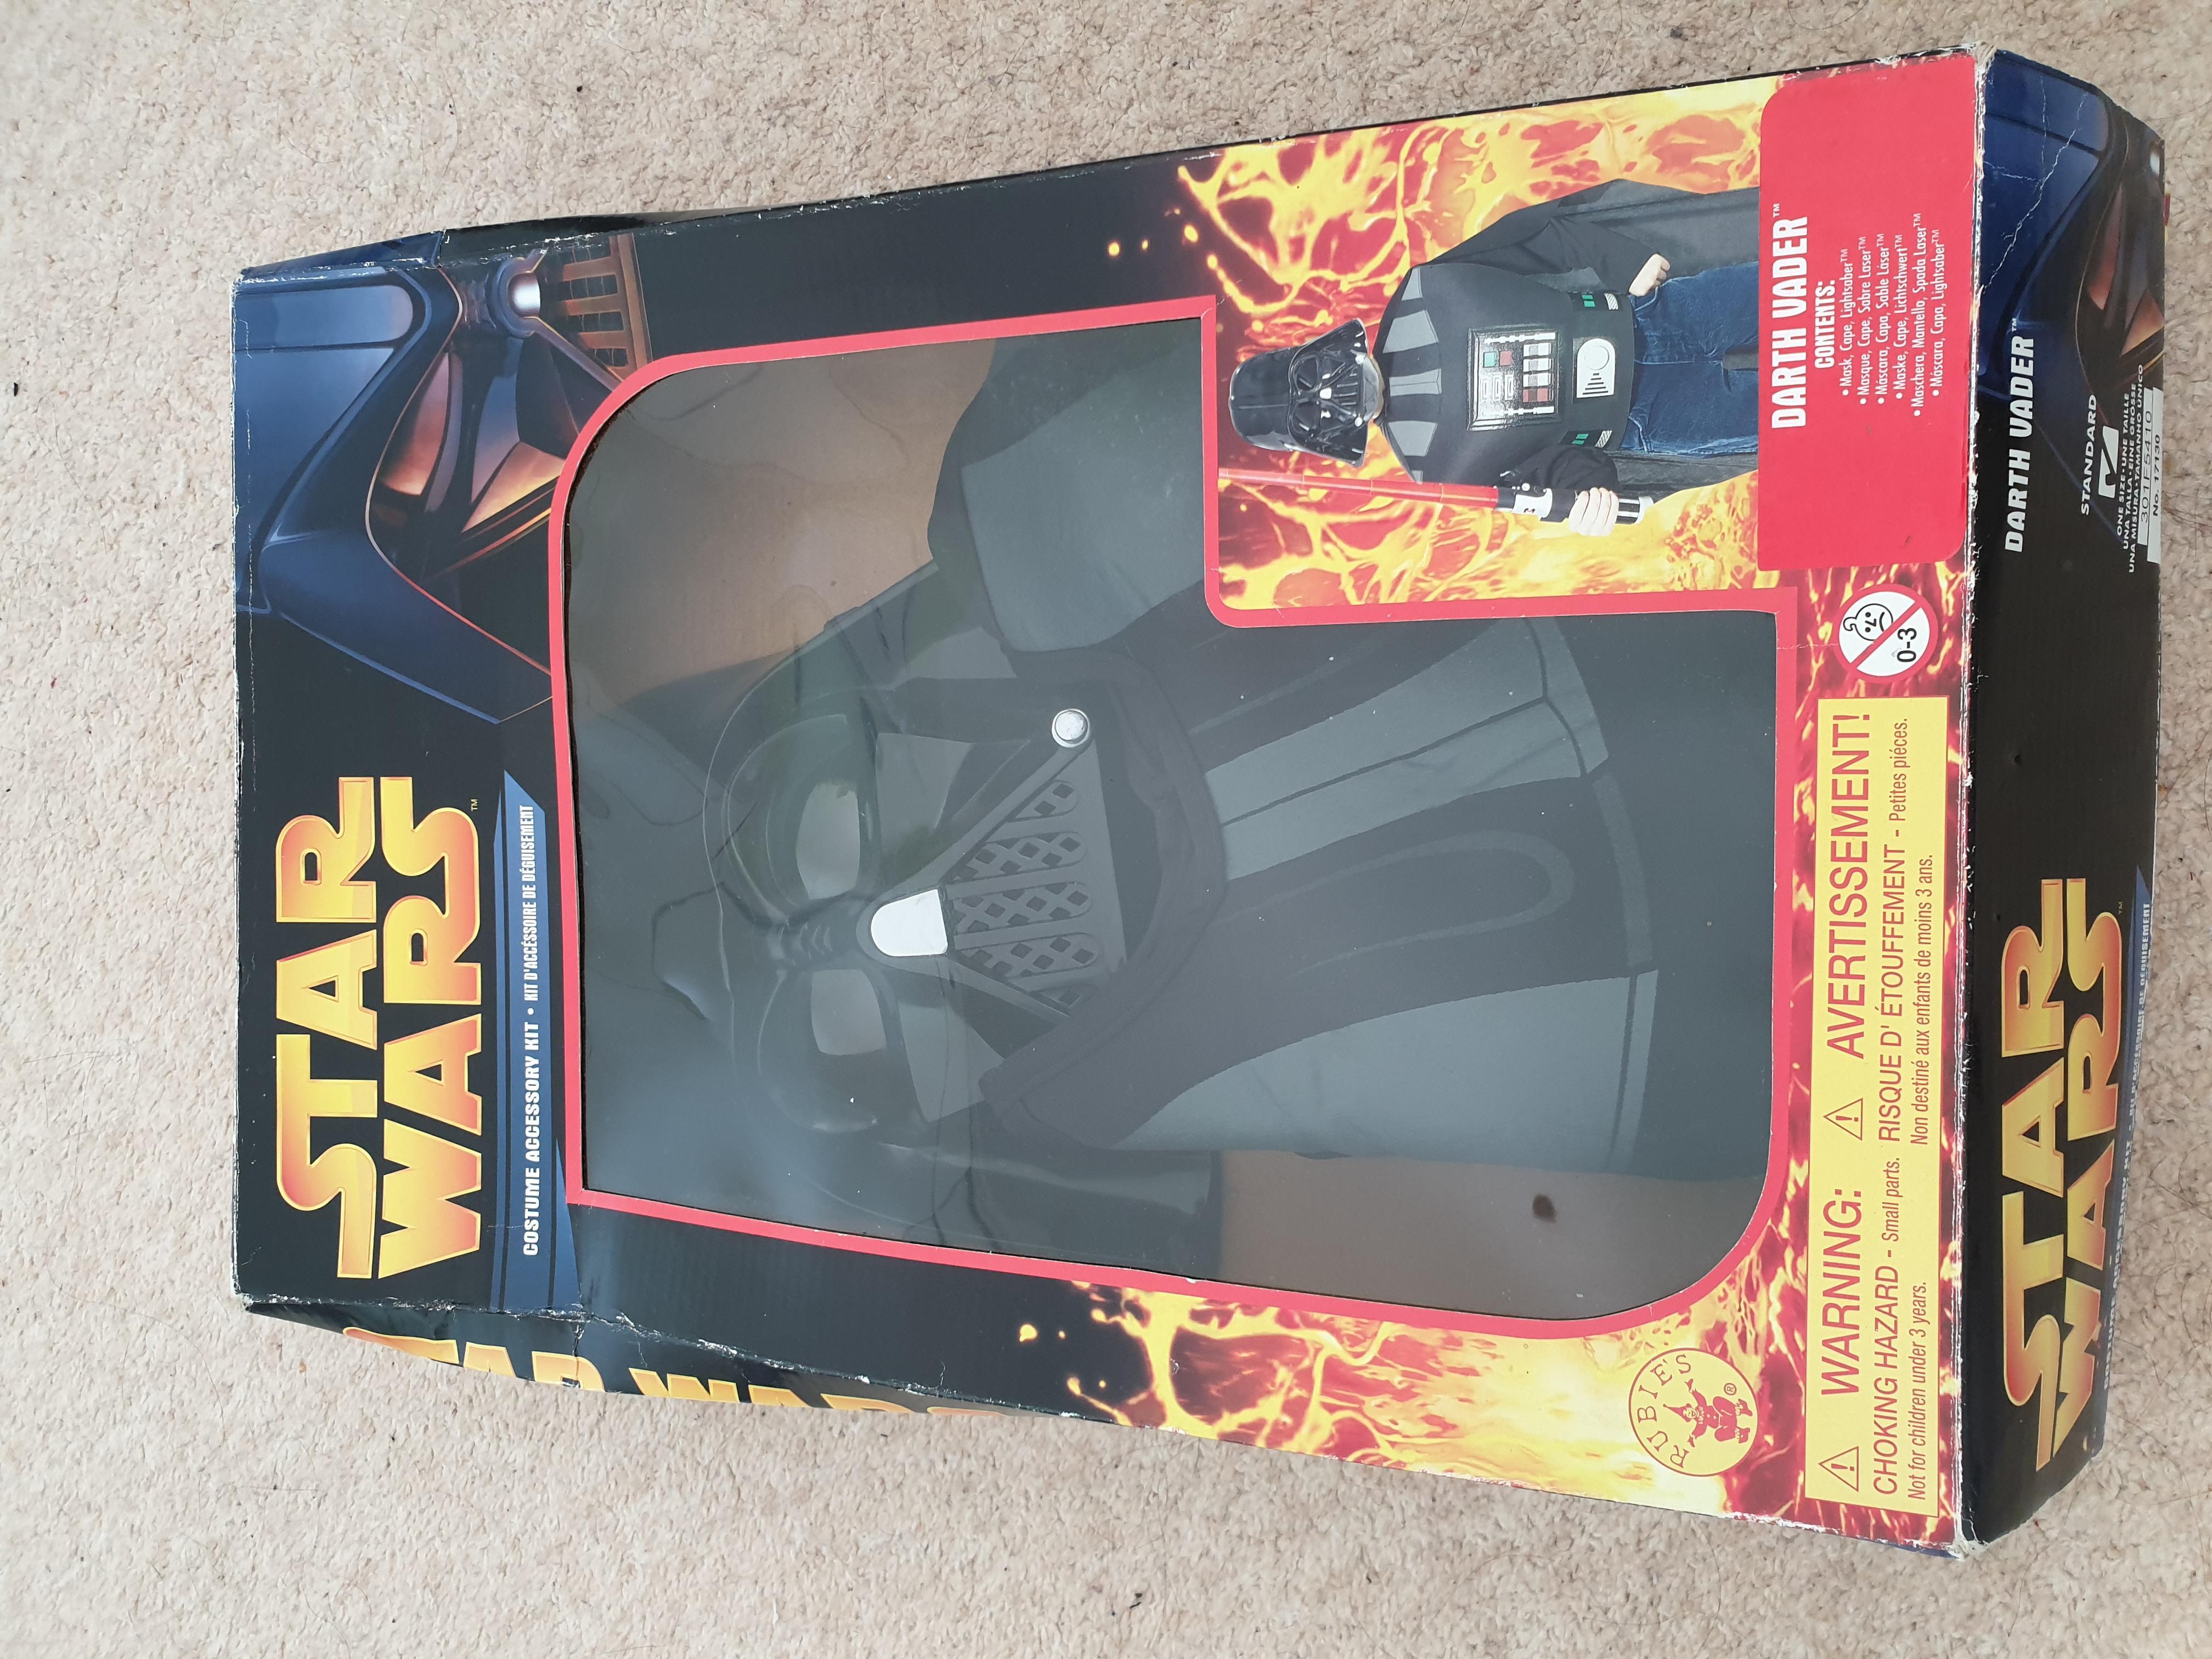 Star Wars Dress up kit- Darth Vader